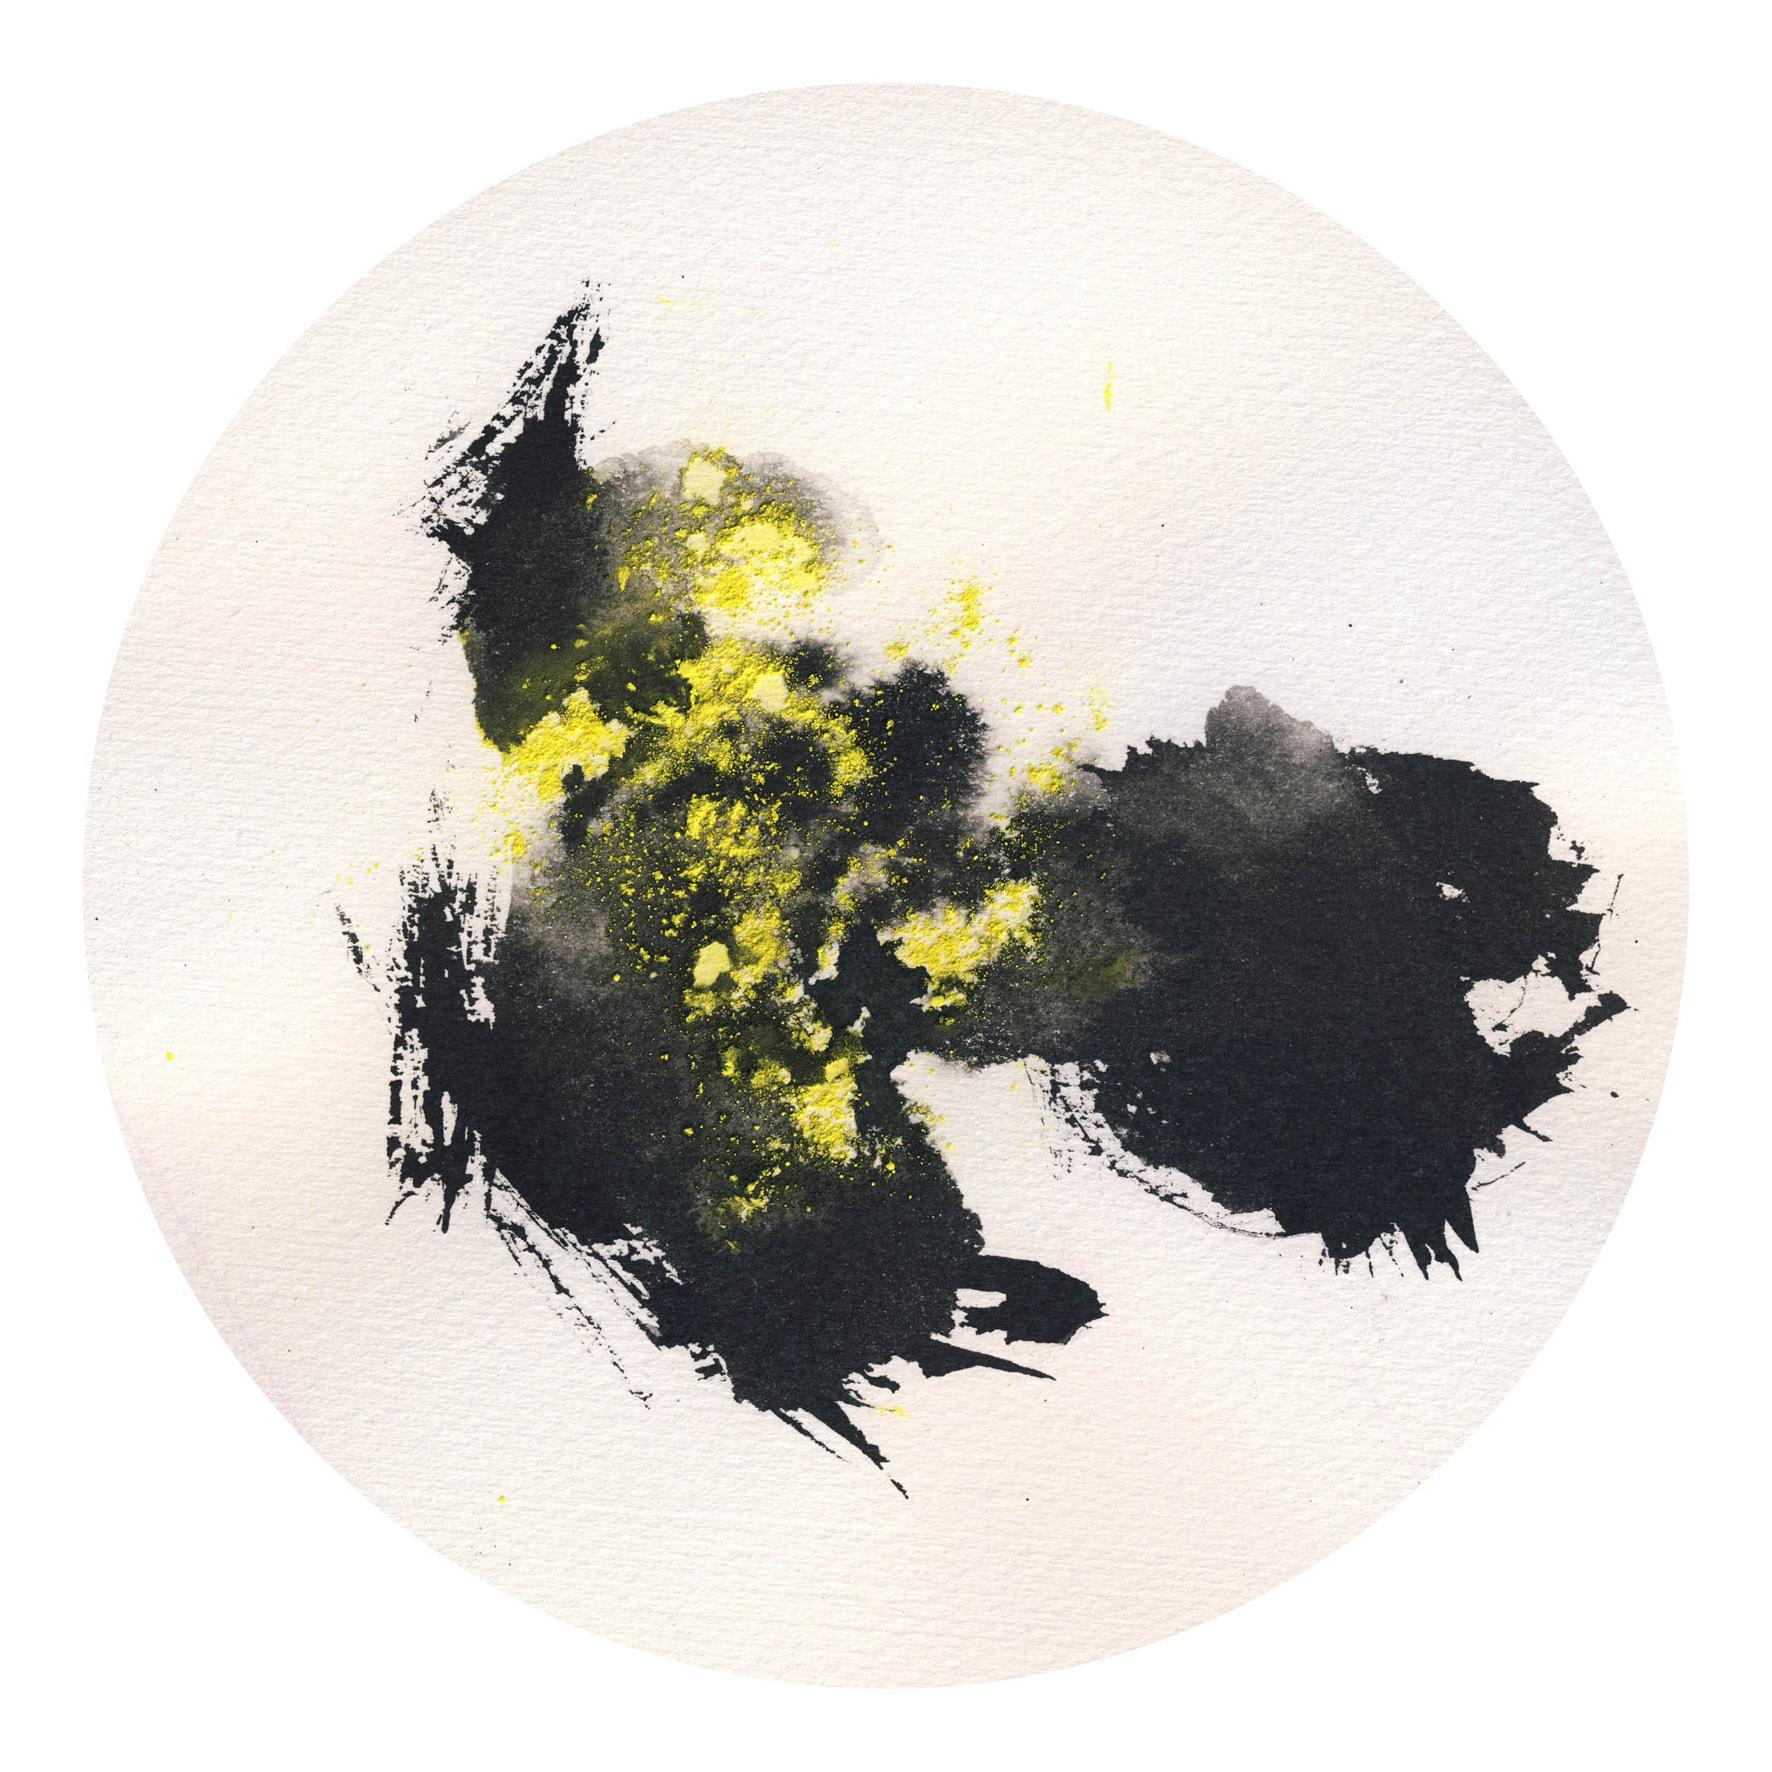 Título: 30 enero Técnica: Tinta & Pigmentos s/Papel de Algodón Medidas: ø 20 cm Año: 2016